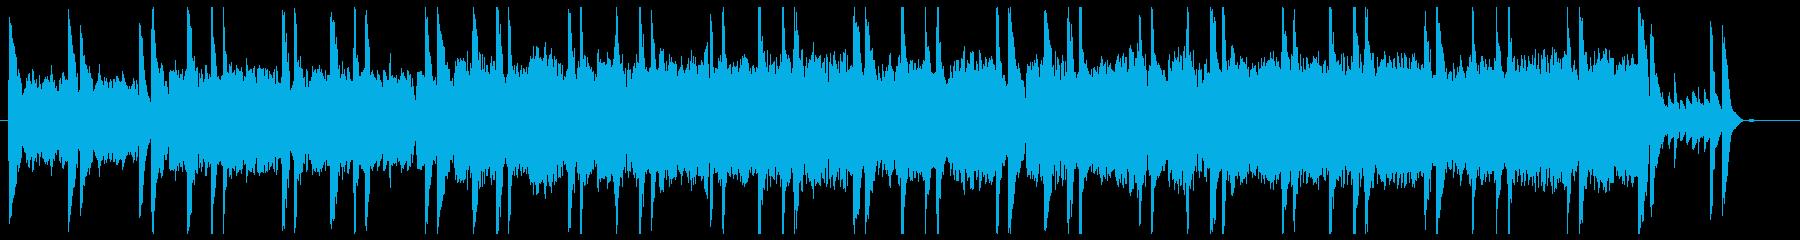 ほのぼのとしたケルト民謡風2の再生済みの波形